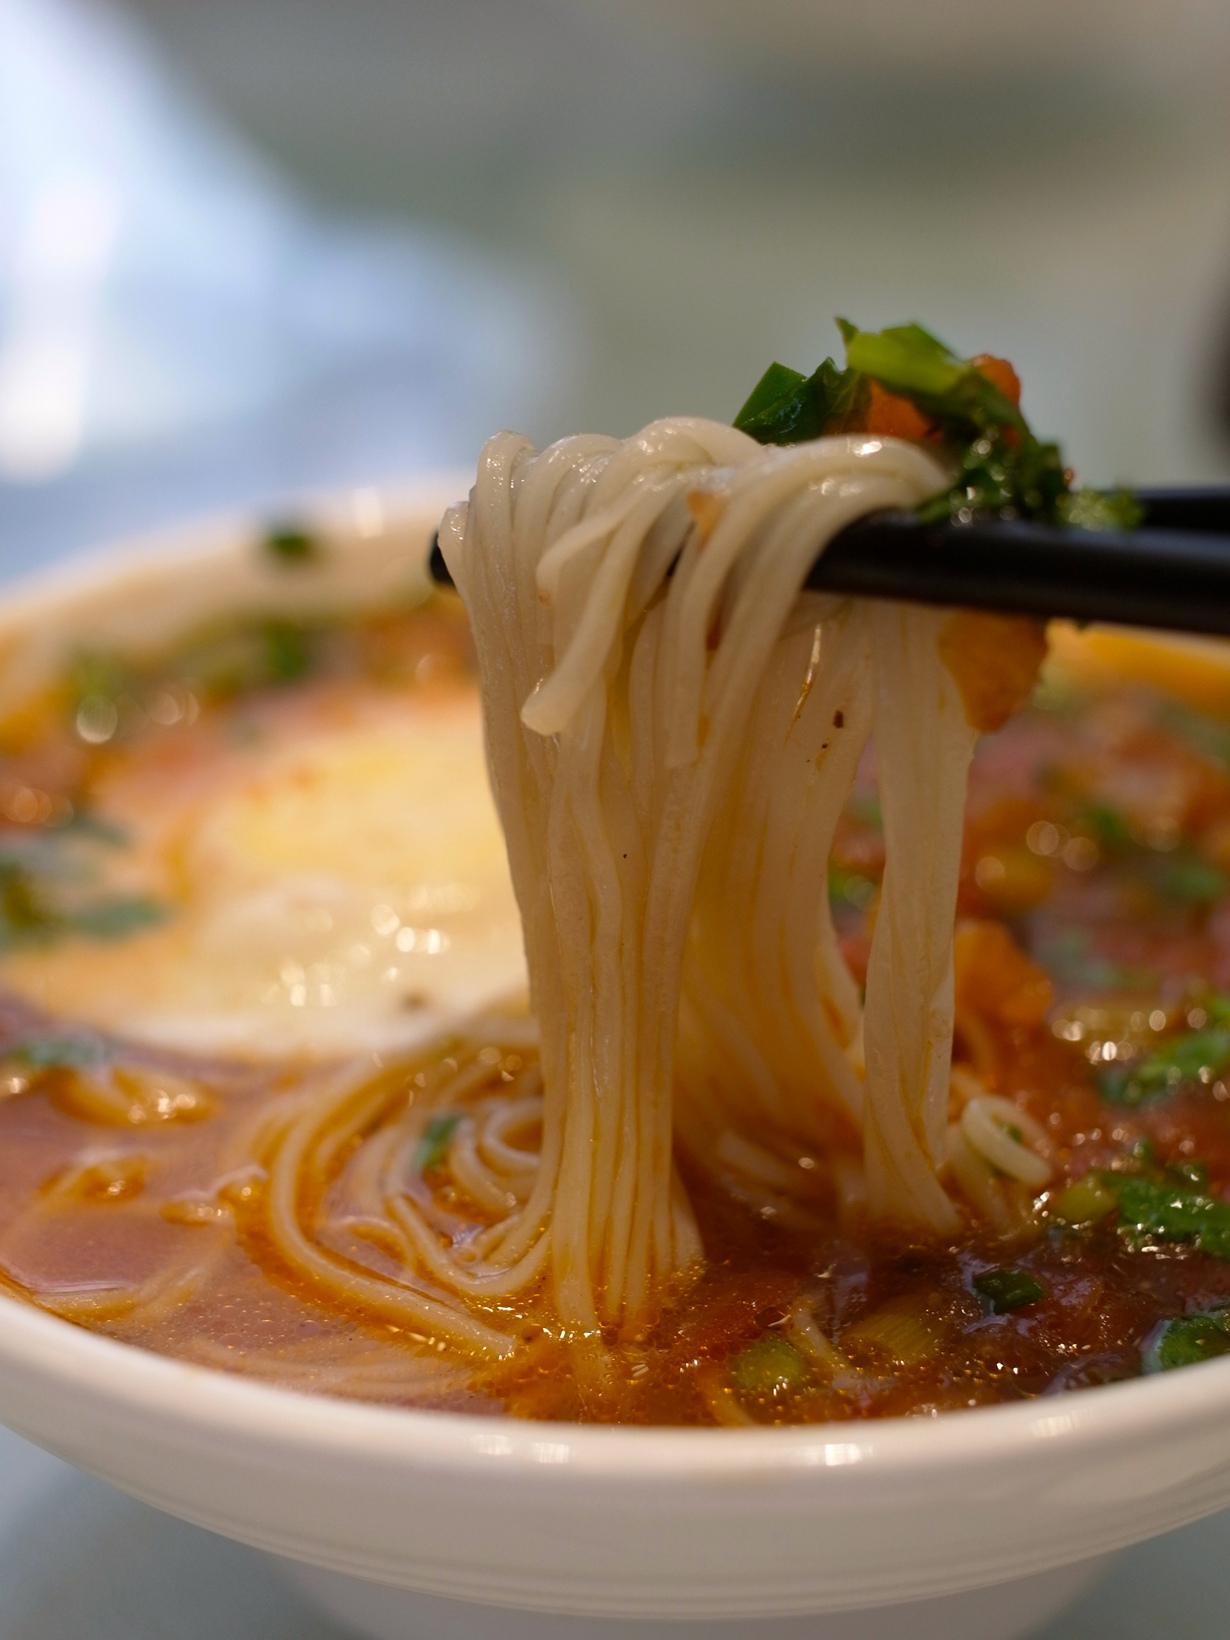 В Китае считается недопустимым разрезать лапшу во время еды. Длинная лапша олицетворяет долголет